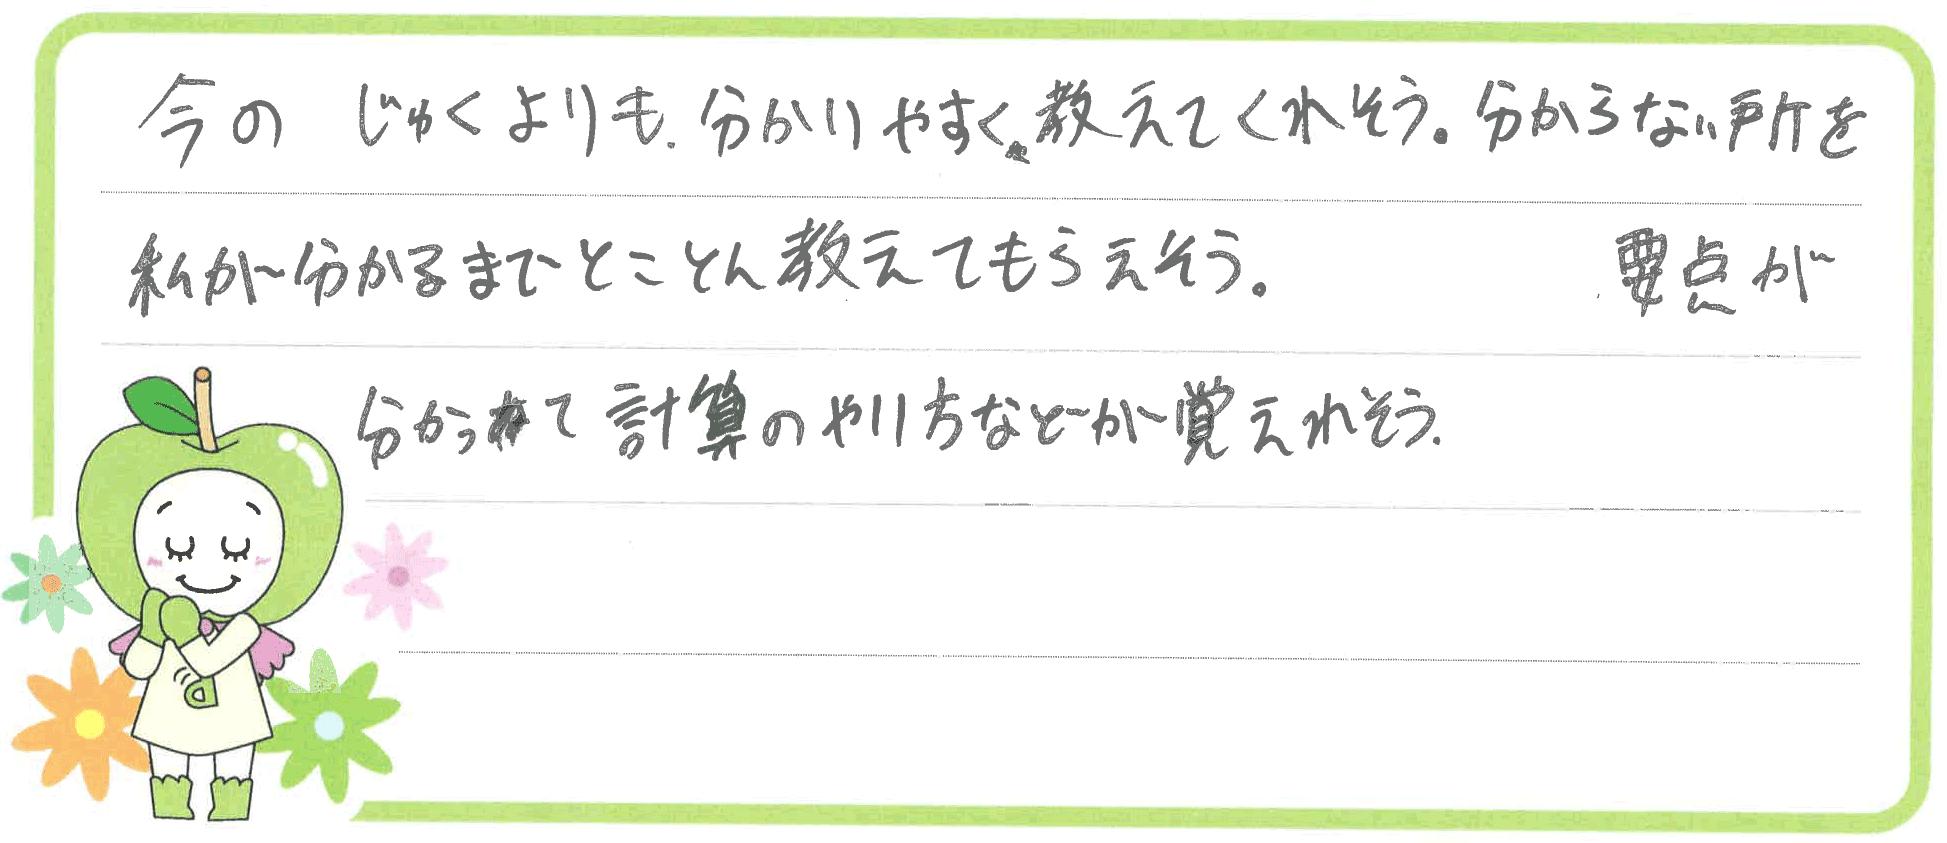 ななみちゃん(笠岡市)からの口コミ